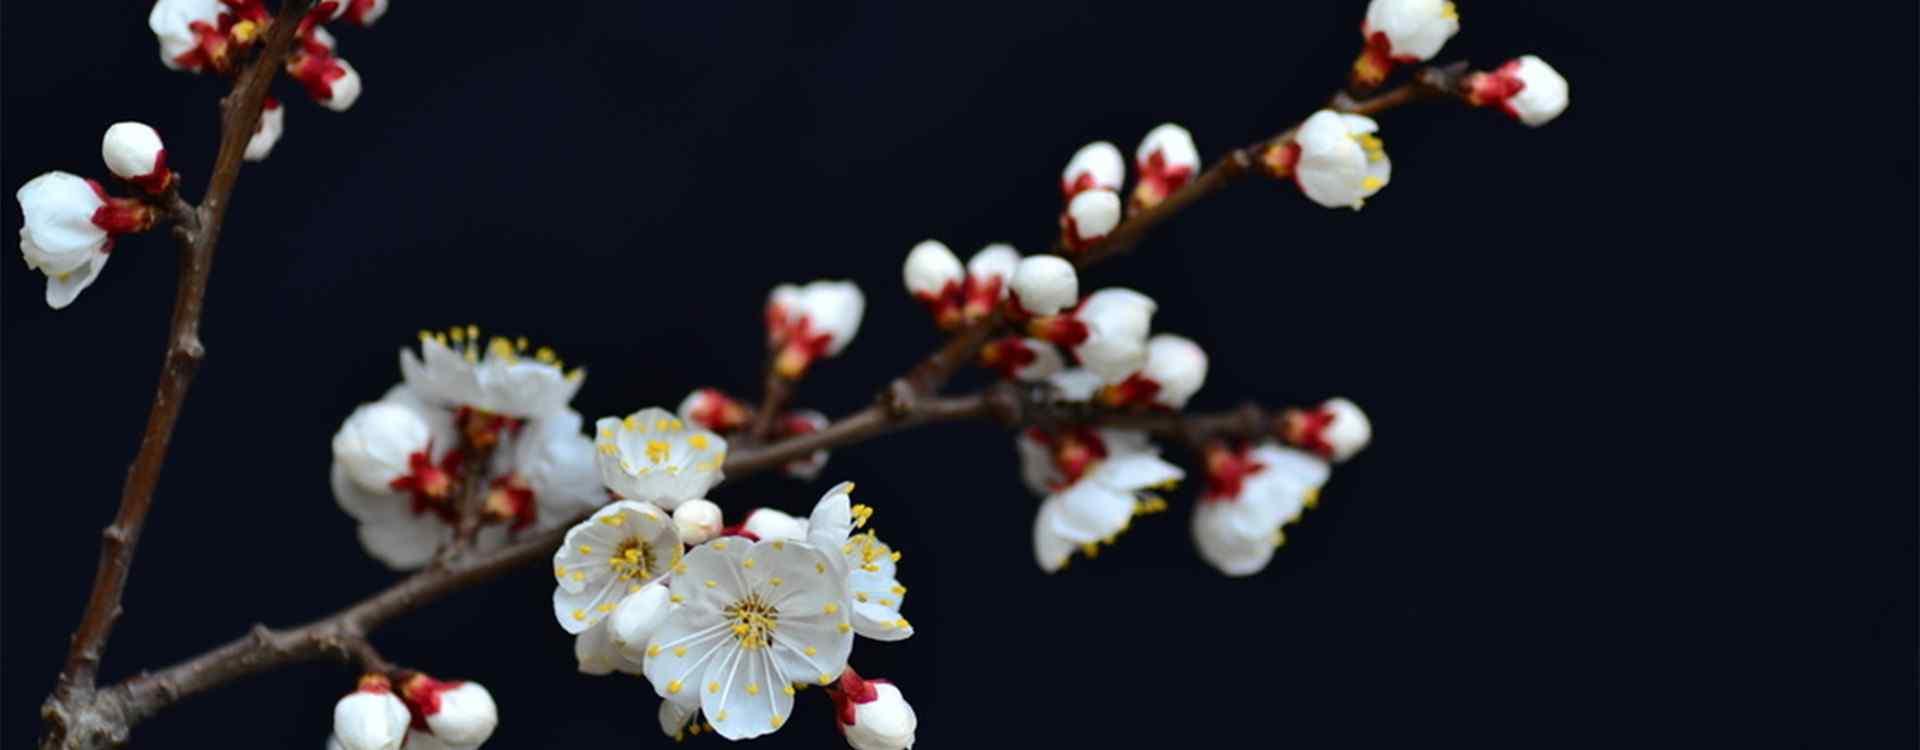 杏花_美丽的杏花_唯美的杏花_小清新杏花_杏花树_杏花植物壁纸